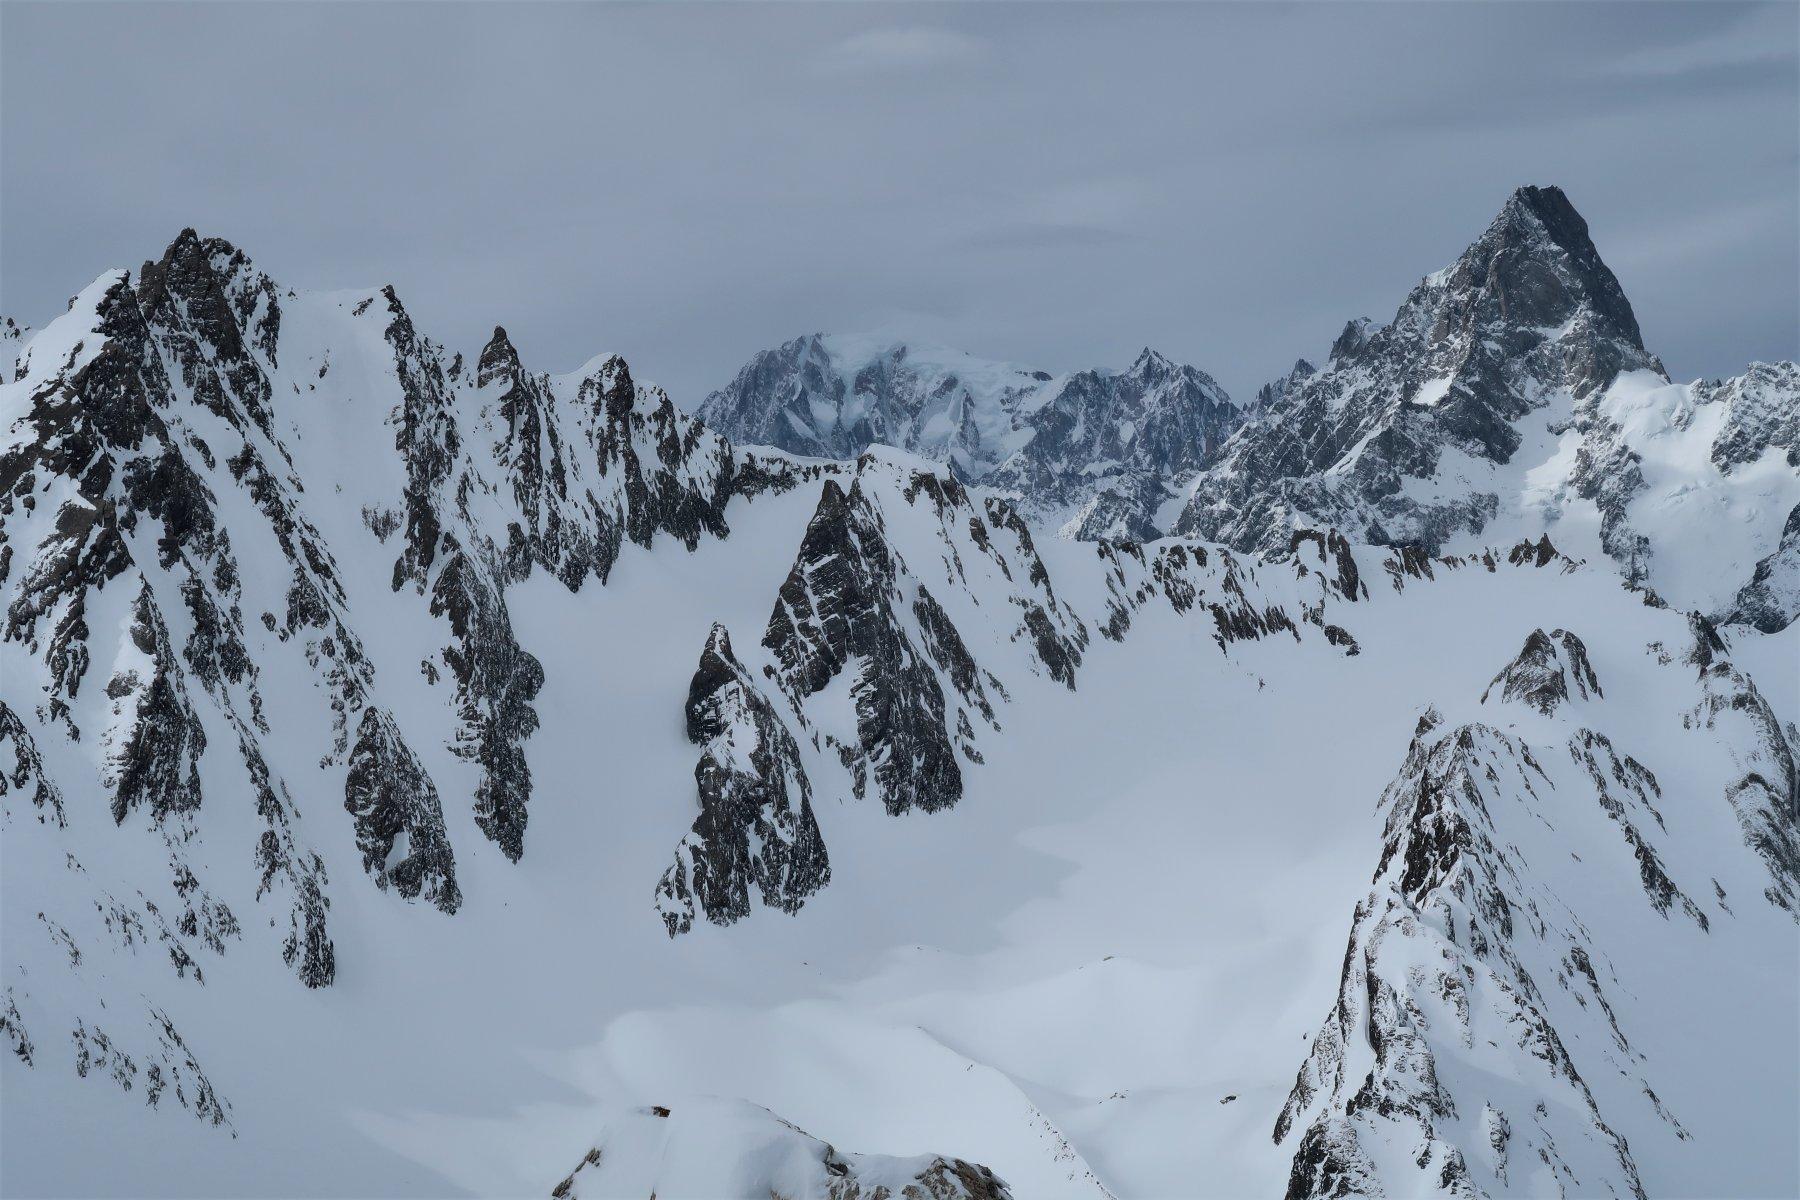 Monte Bianco e Grandes Jorasses dalla cima